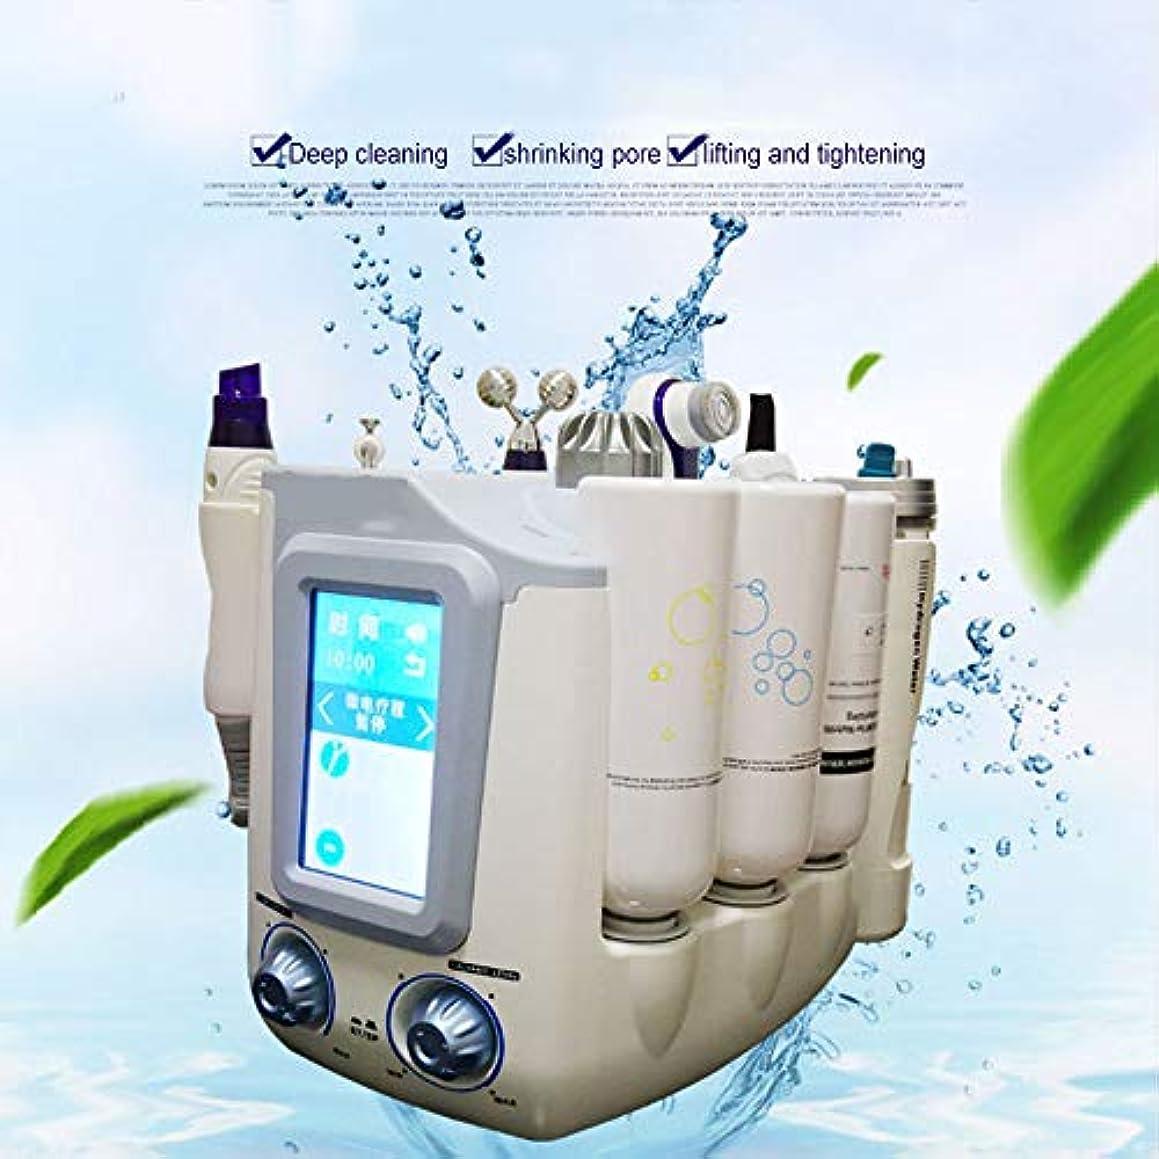 ぼかしファンブルクスコ顔の美のスキンケア、水素の酸素の小さい泡Hydrofacial 6 1の多機能のスキンクリーナー、顔のクリーニングのにきびの若返りの美機械